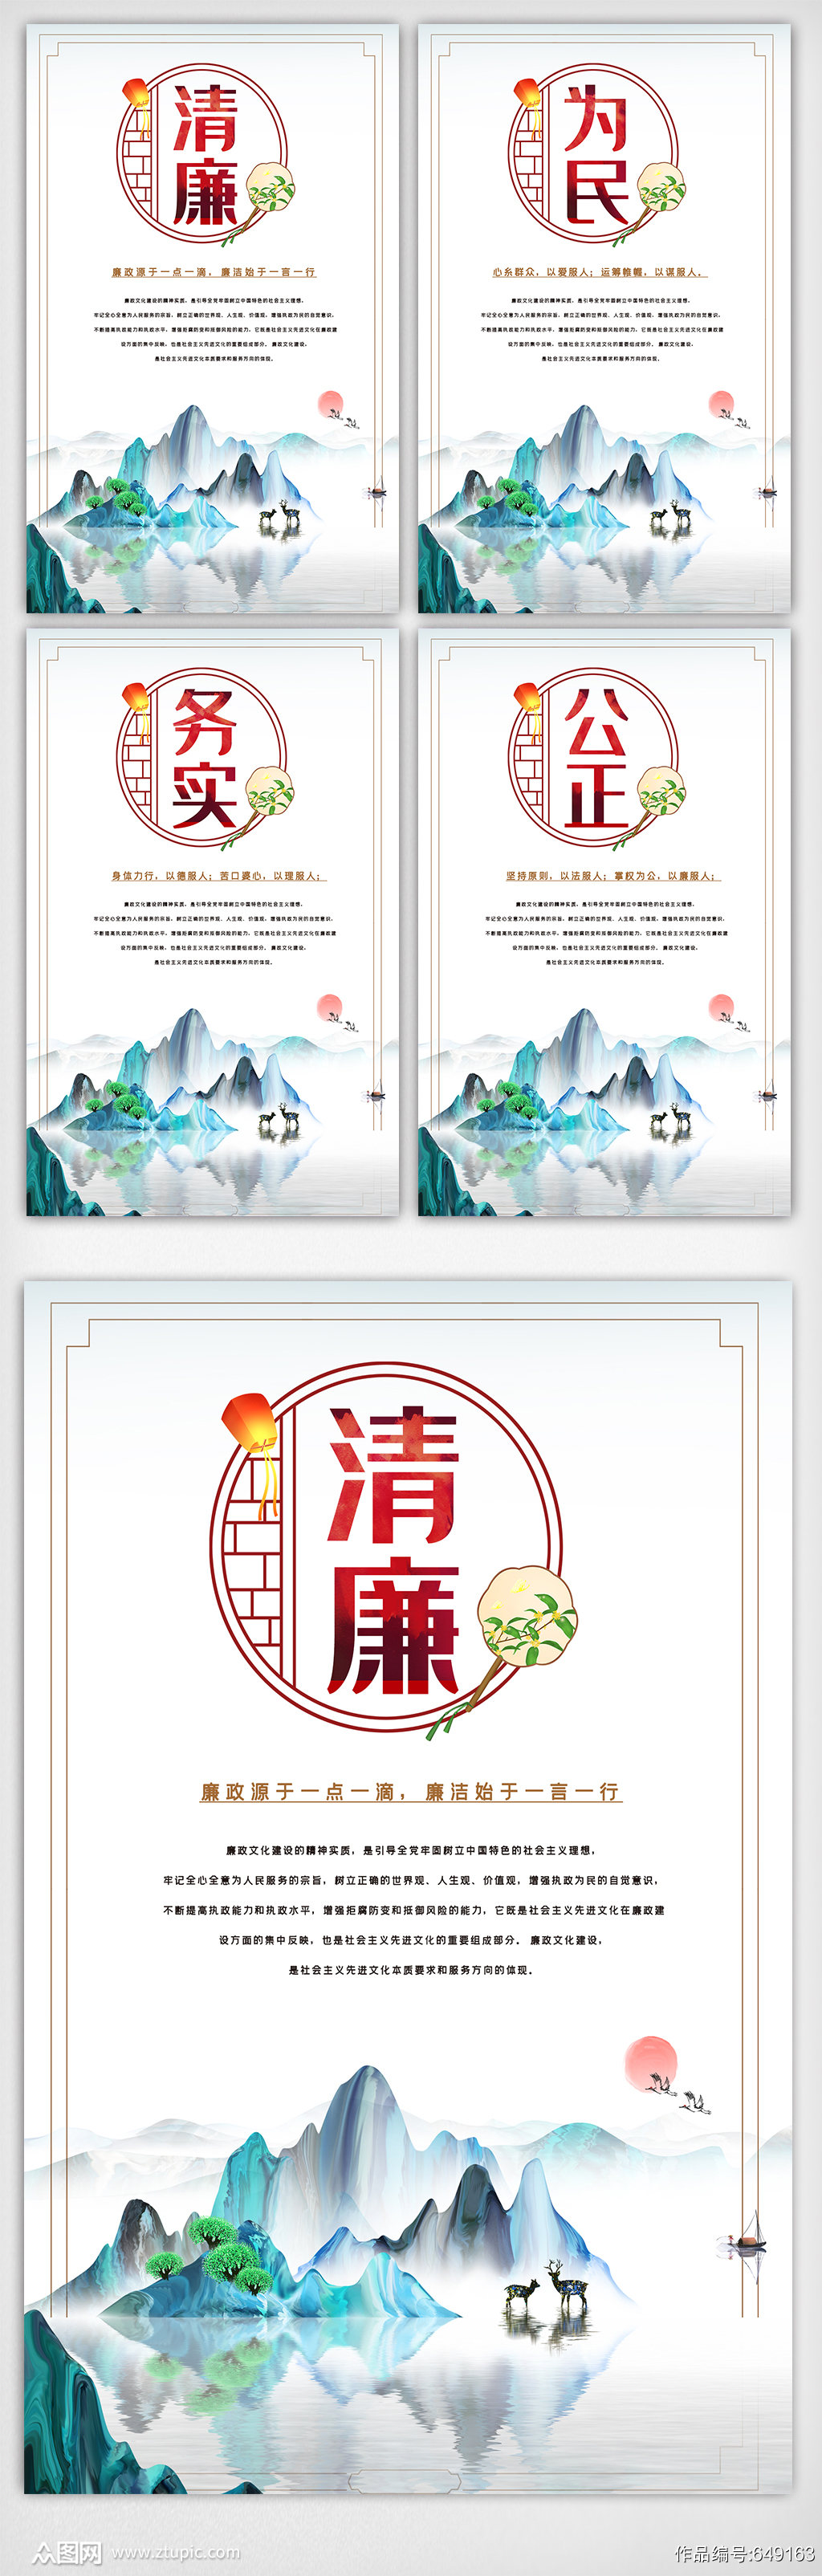 中国风水彩廉洁内容知识挂画设计图素材